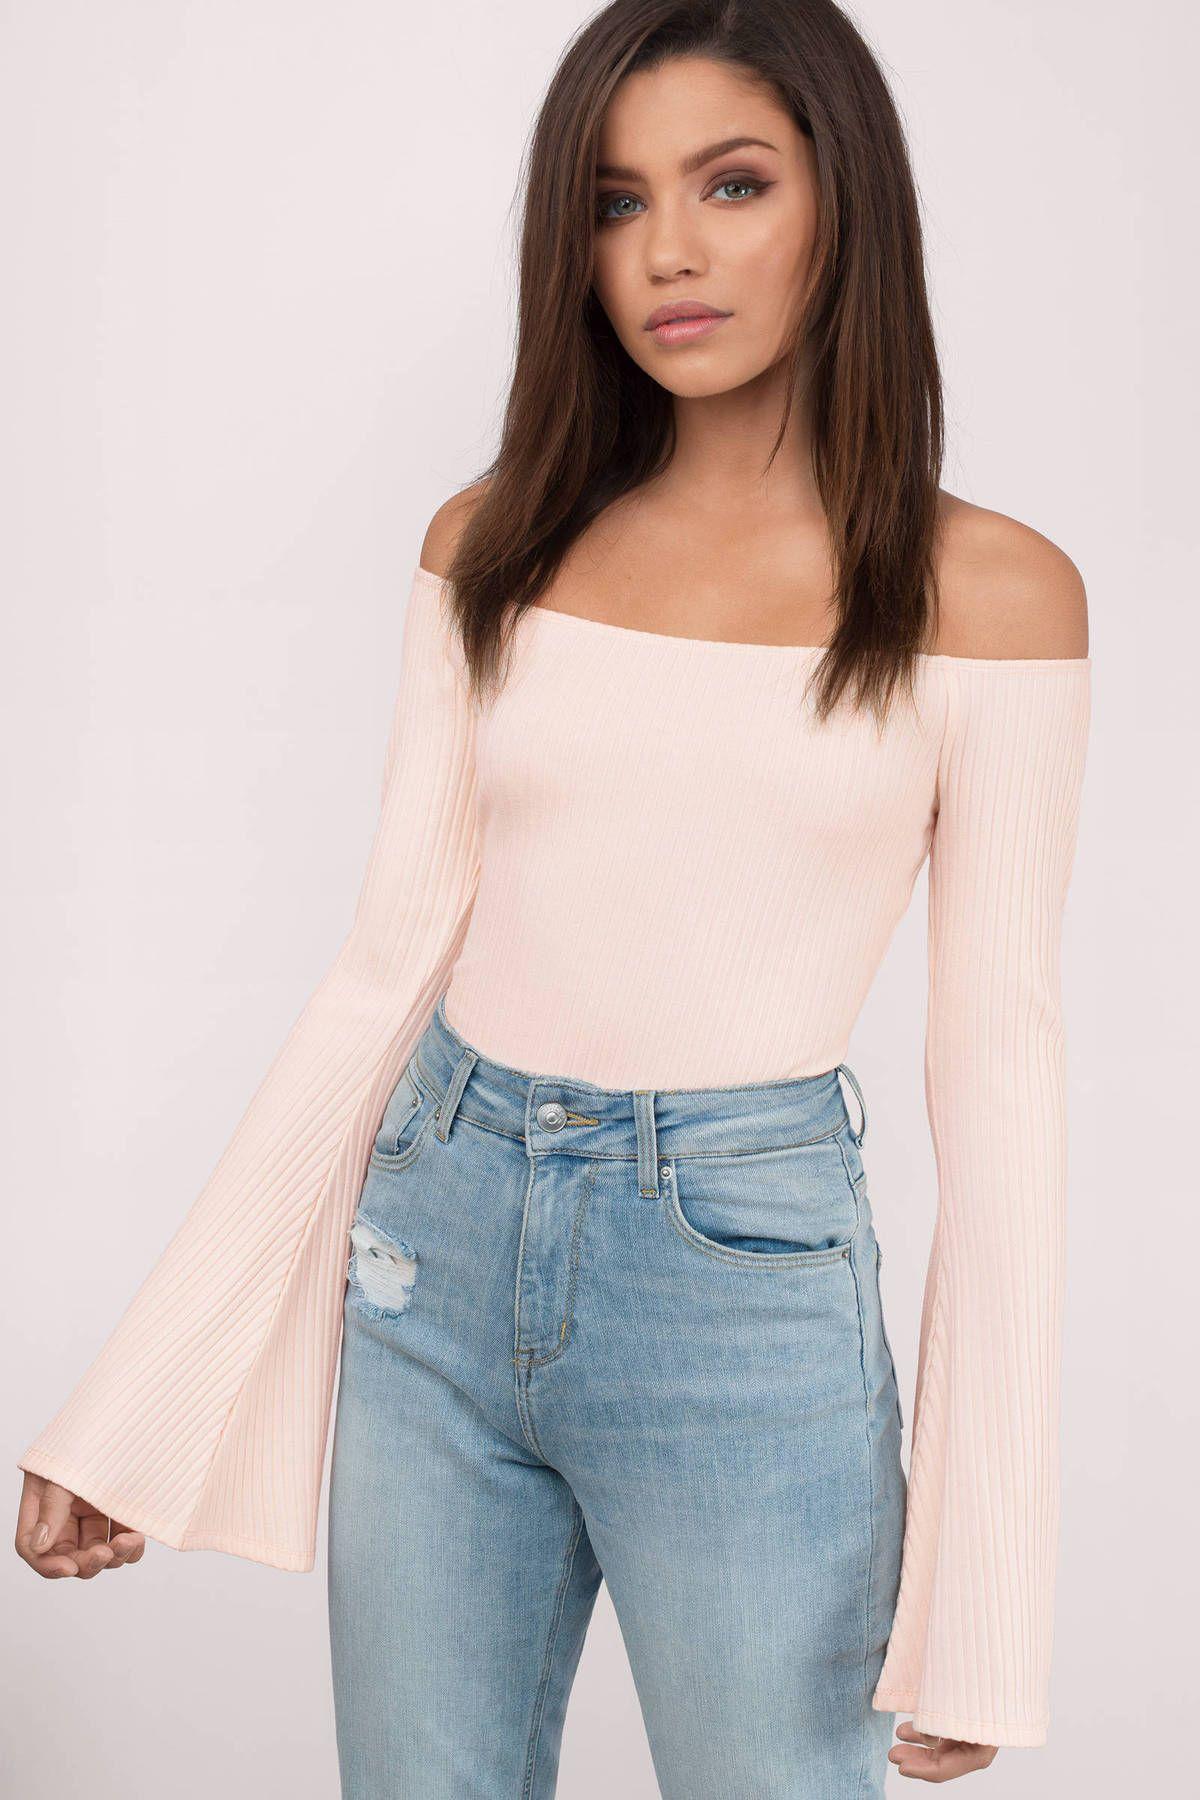 Estelle Off Shoulder Bell Sleeve Bodysuit at Tobi.com  shoptobi ... cac8718ec